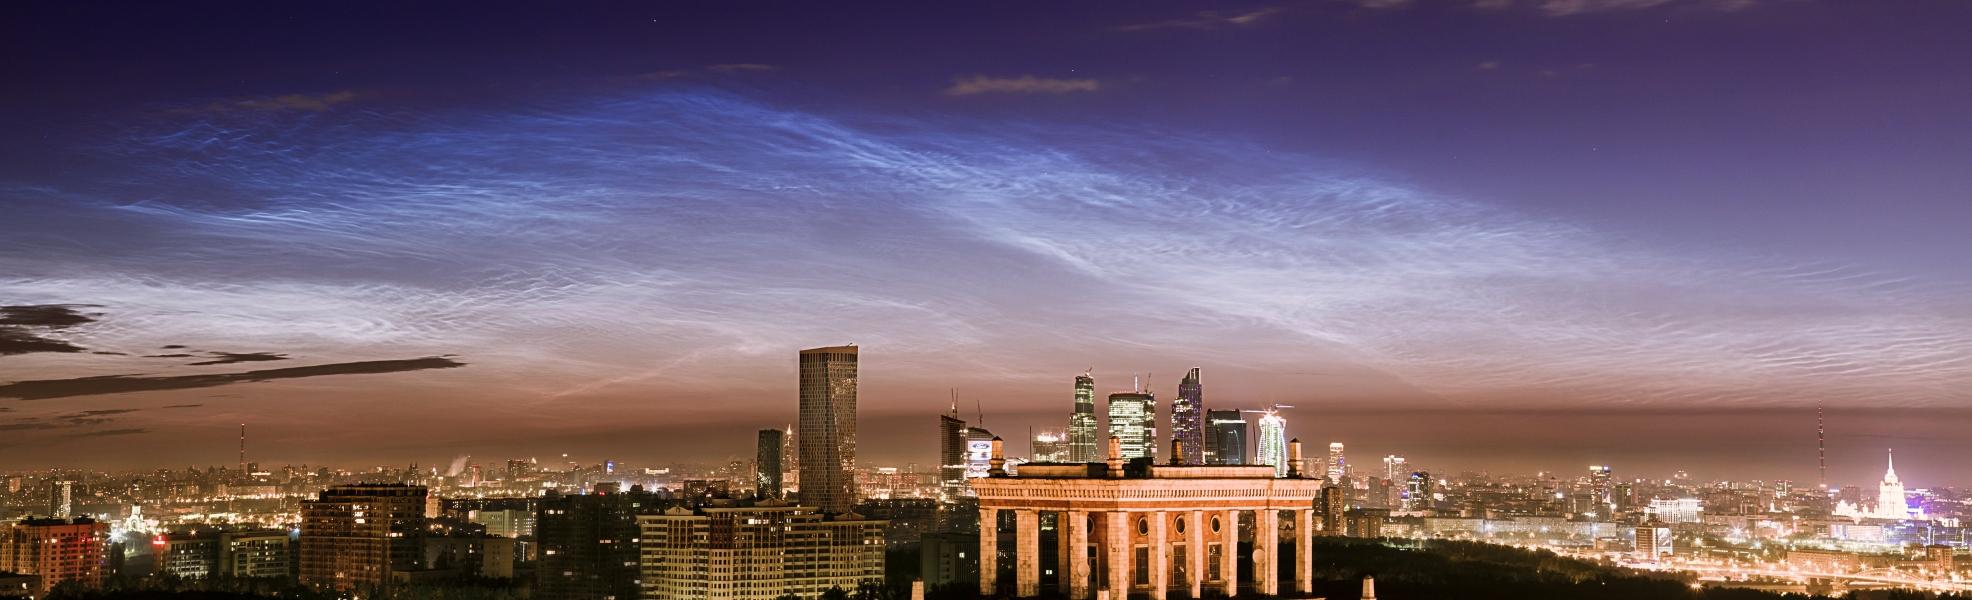 Nuages noctulescents sur Moscou